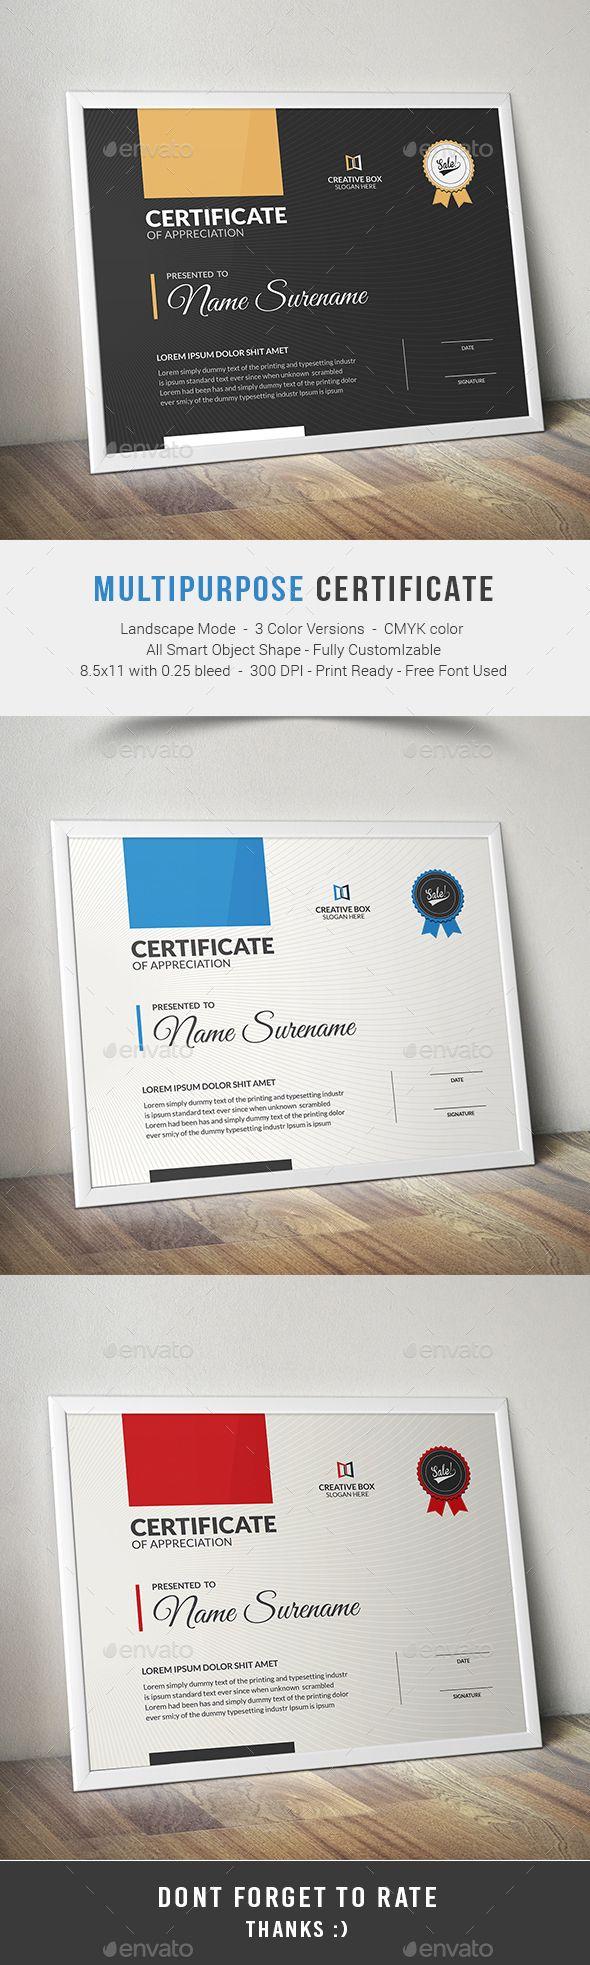 Certificate certificate template and certificate design certificate template psd download here httpgraphicriveritem yadclub Images